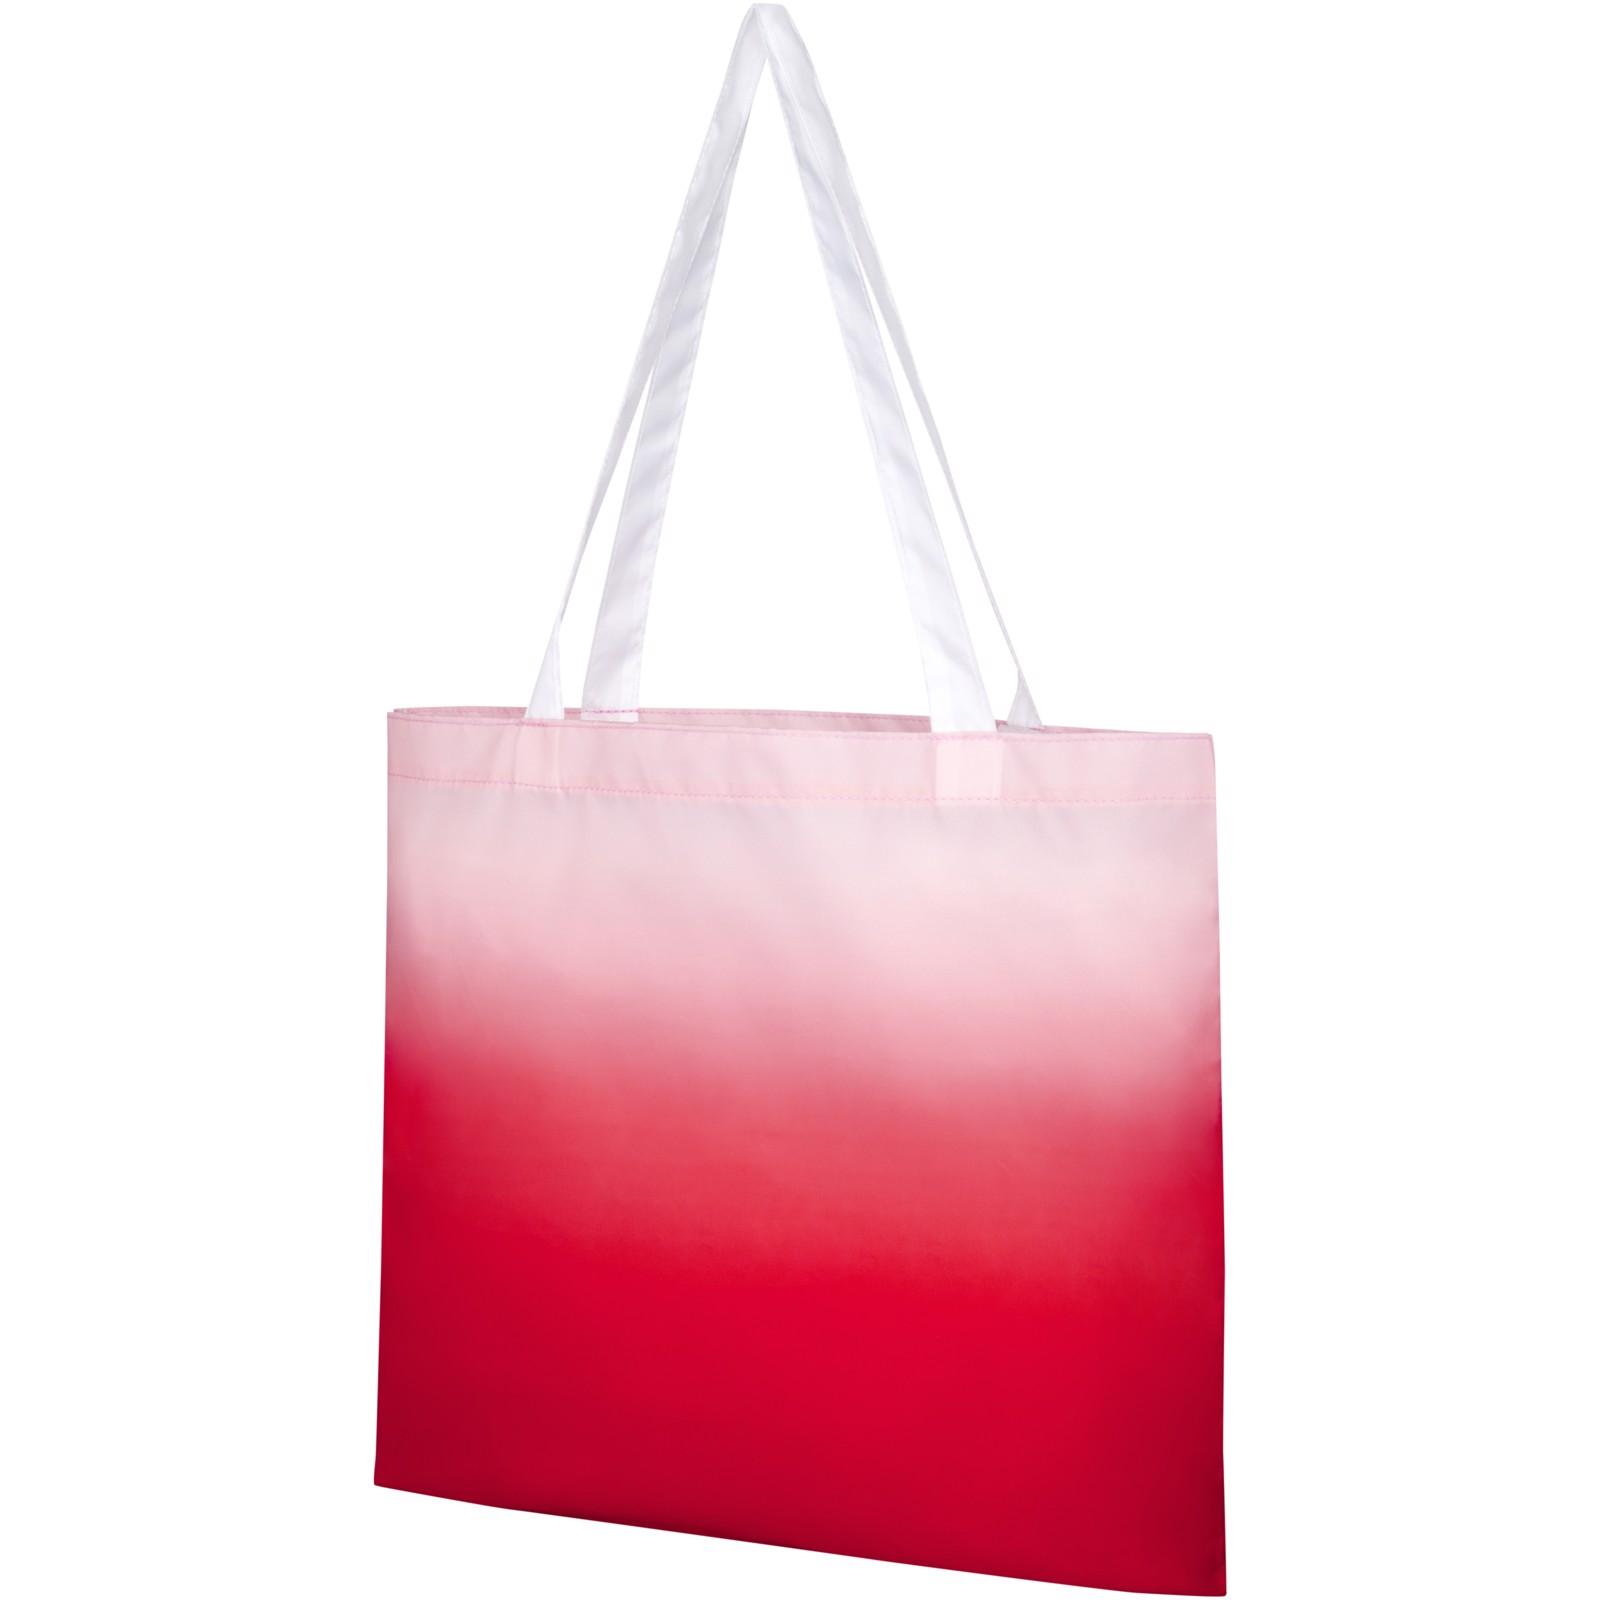 Rio nákupní taška s barevným přechodem - Červená s efektem námrazy